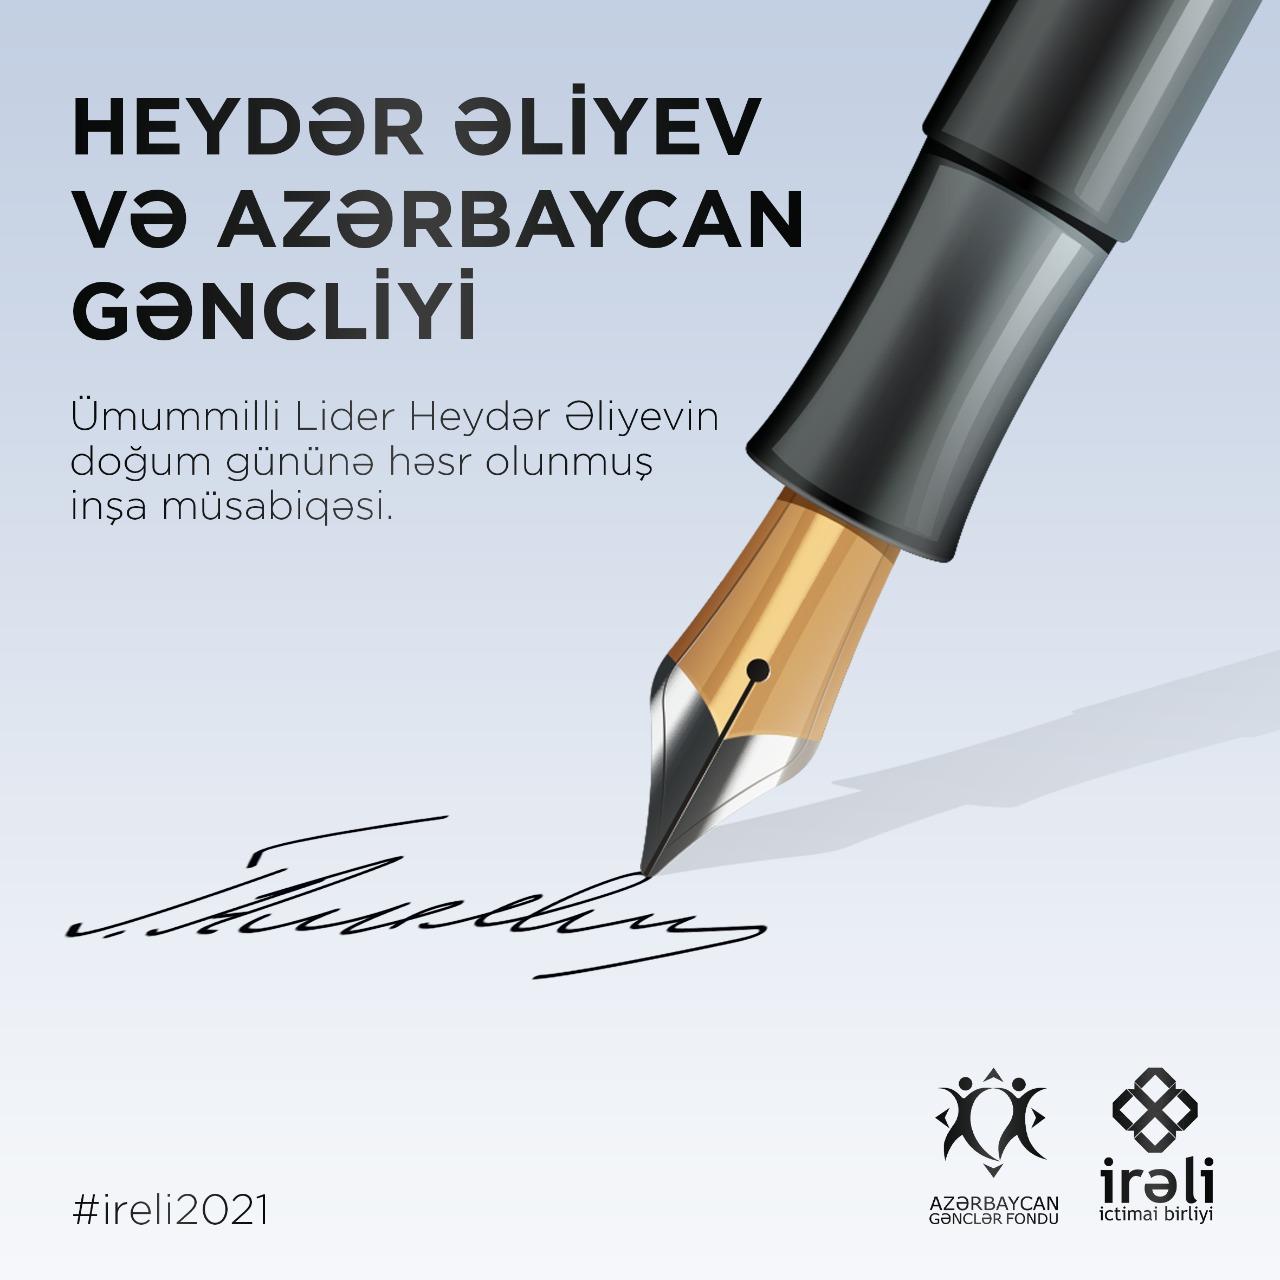 """""""İrəli"""" İctimai Birliyi Ulu Öndərə həsr olunan inşa müsabiqəsi elan edir"""